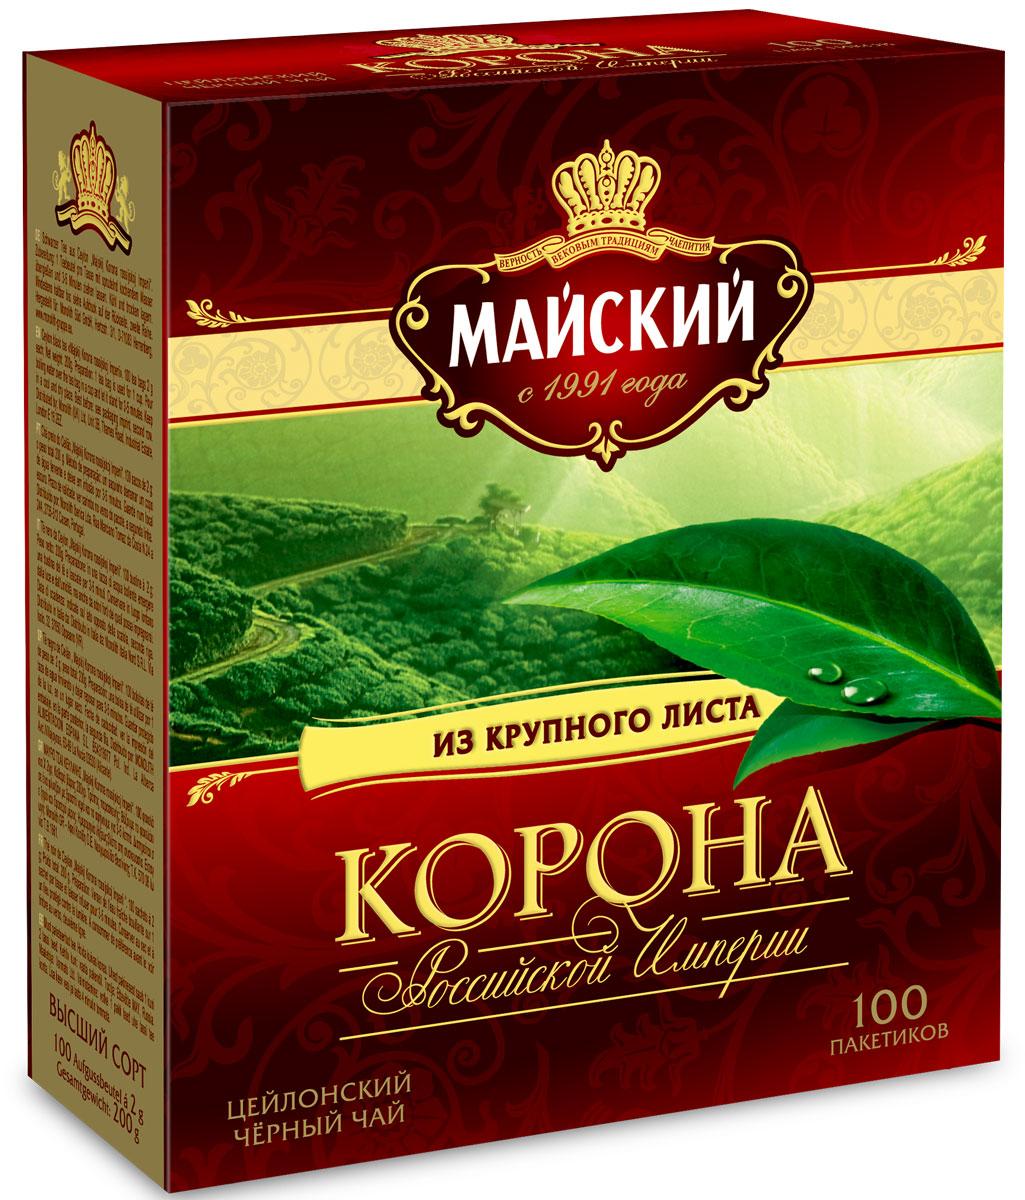 Майский Корона Российской Империи черный чай в пакетиках, 100 шт113159Майский Корона Российской Империи - уникальный цейлонский крупнолистовой чай Майский. Именно в нем в полной мере раскрывается богатство вкуса и аромата черного чая.